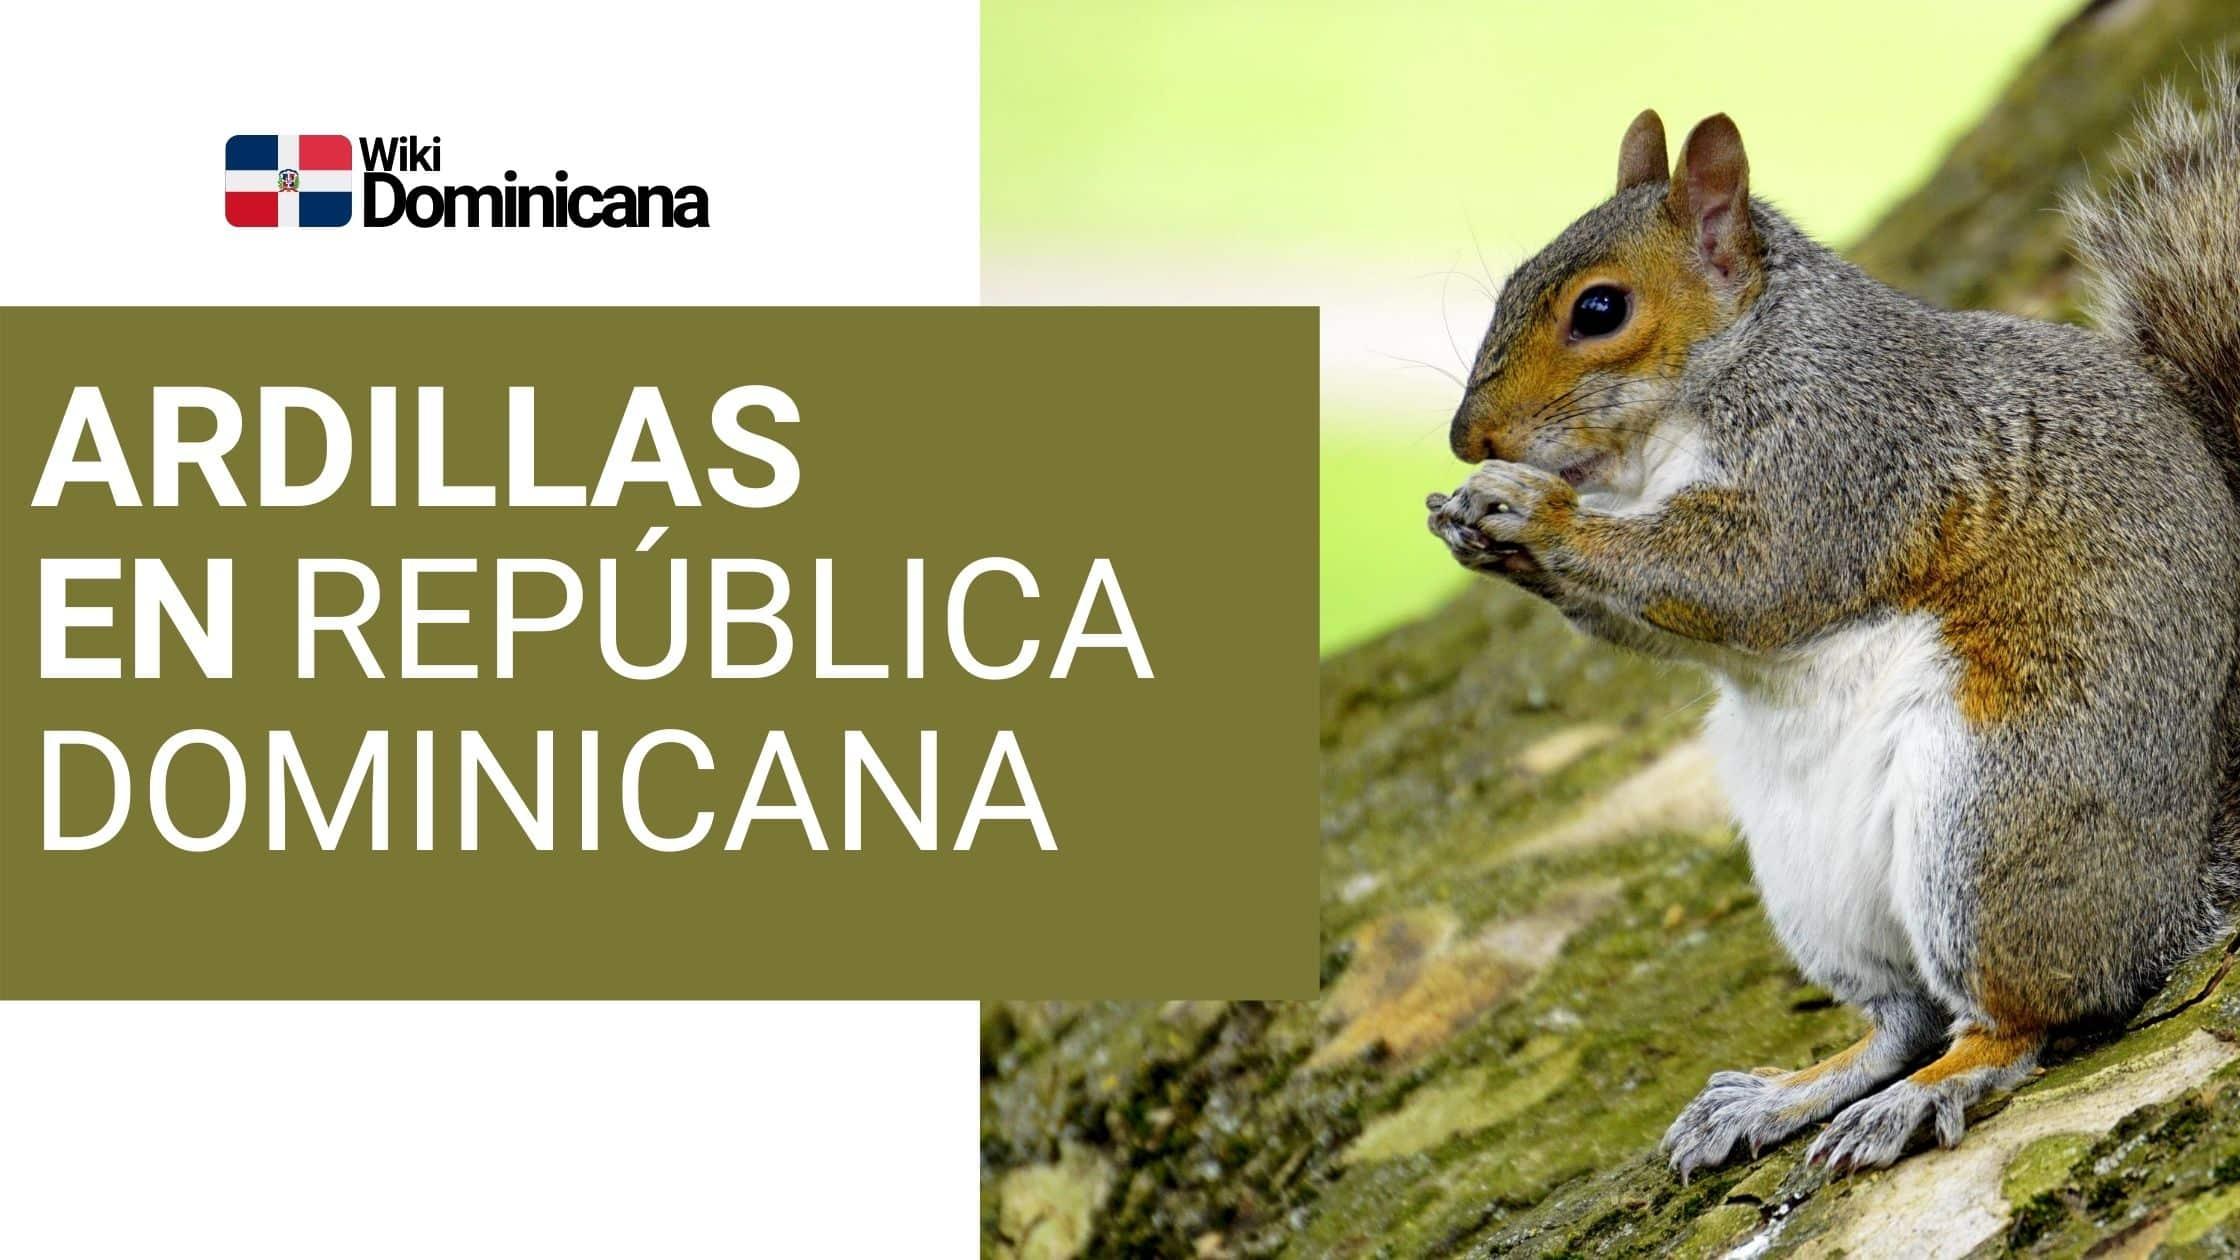 ¿Hay ardillas en República Dominicana? 2